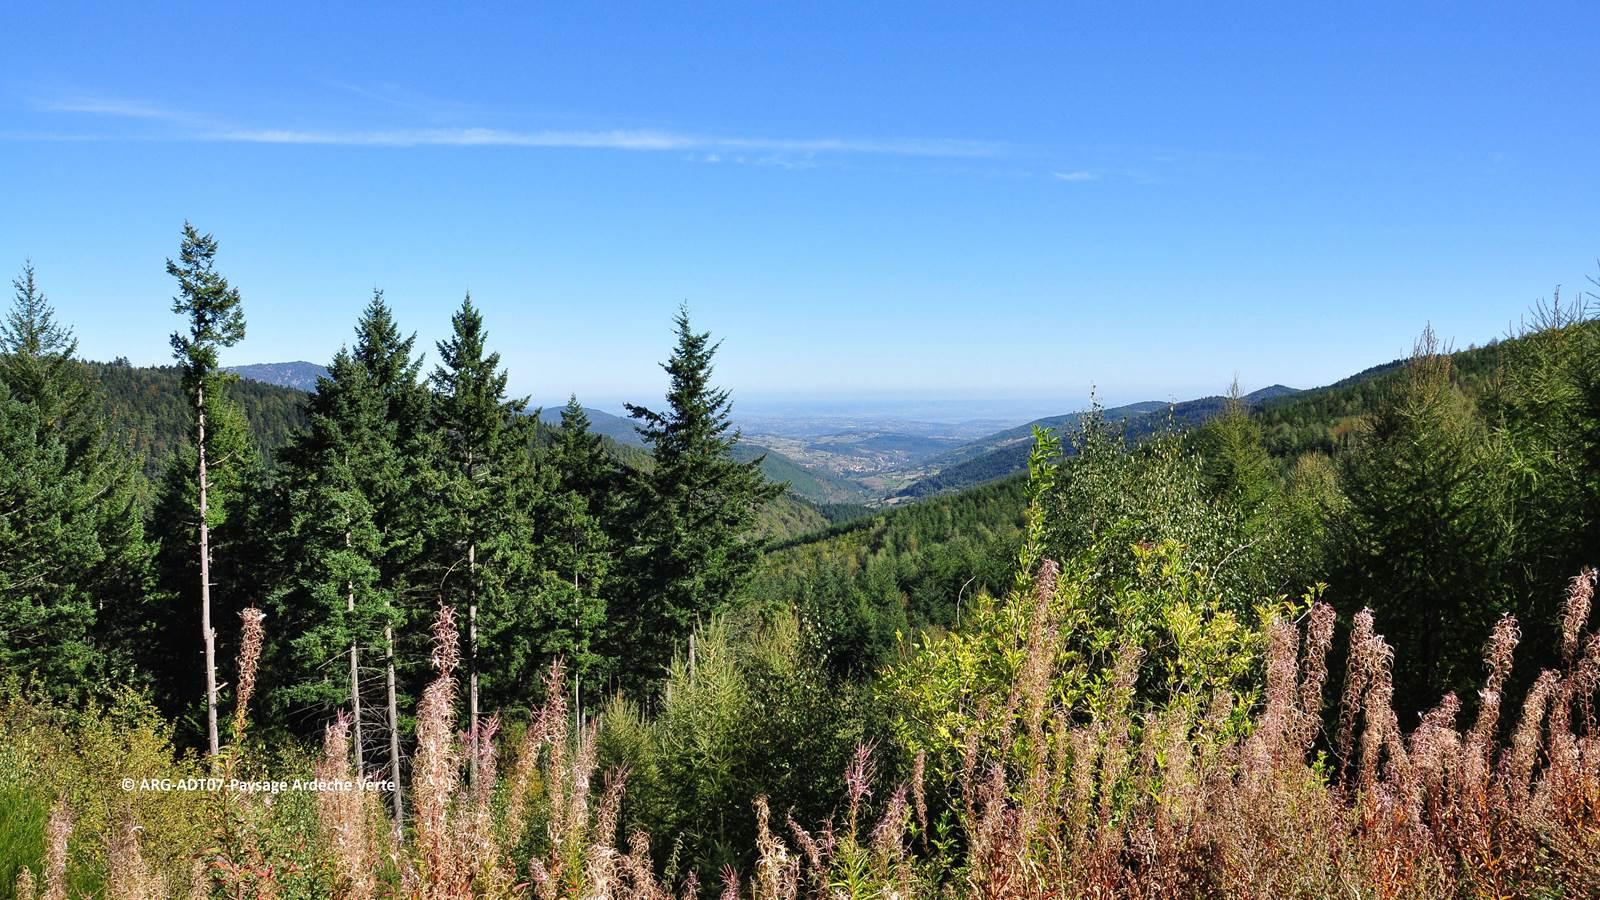 L'Ardèche verte, la partie nord de l'Ardèche